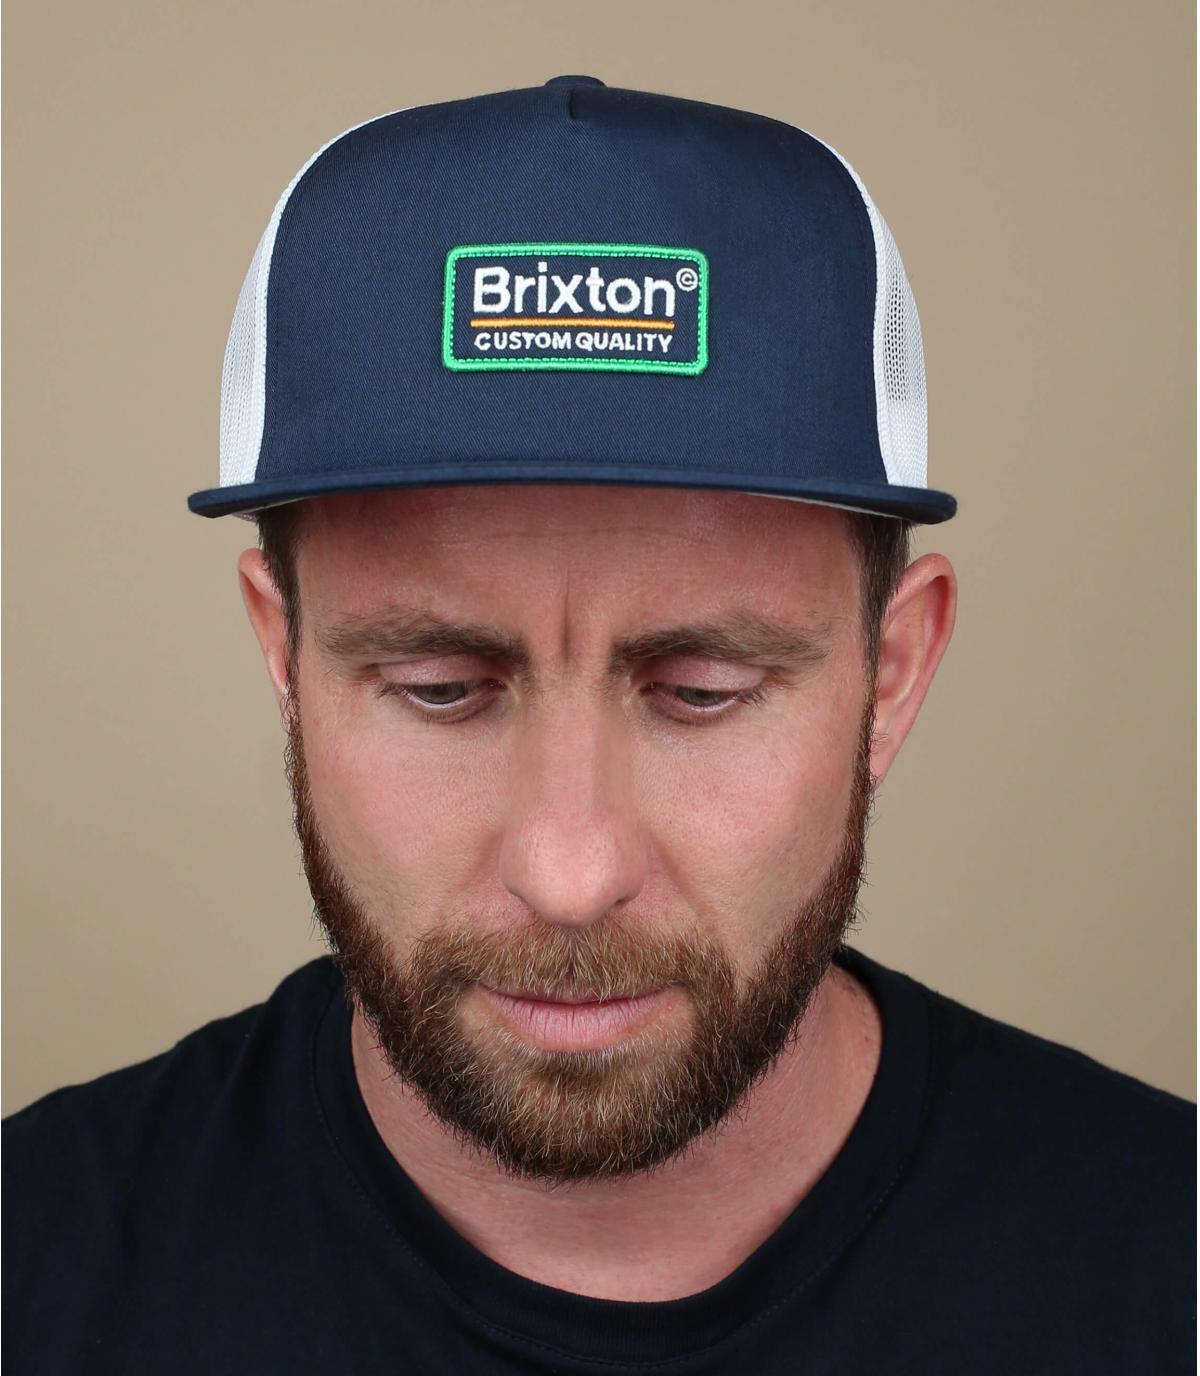 marineblauwe trucker Brixton